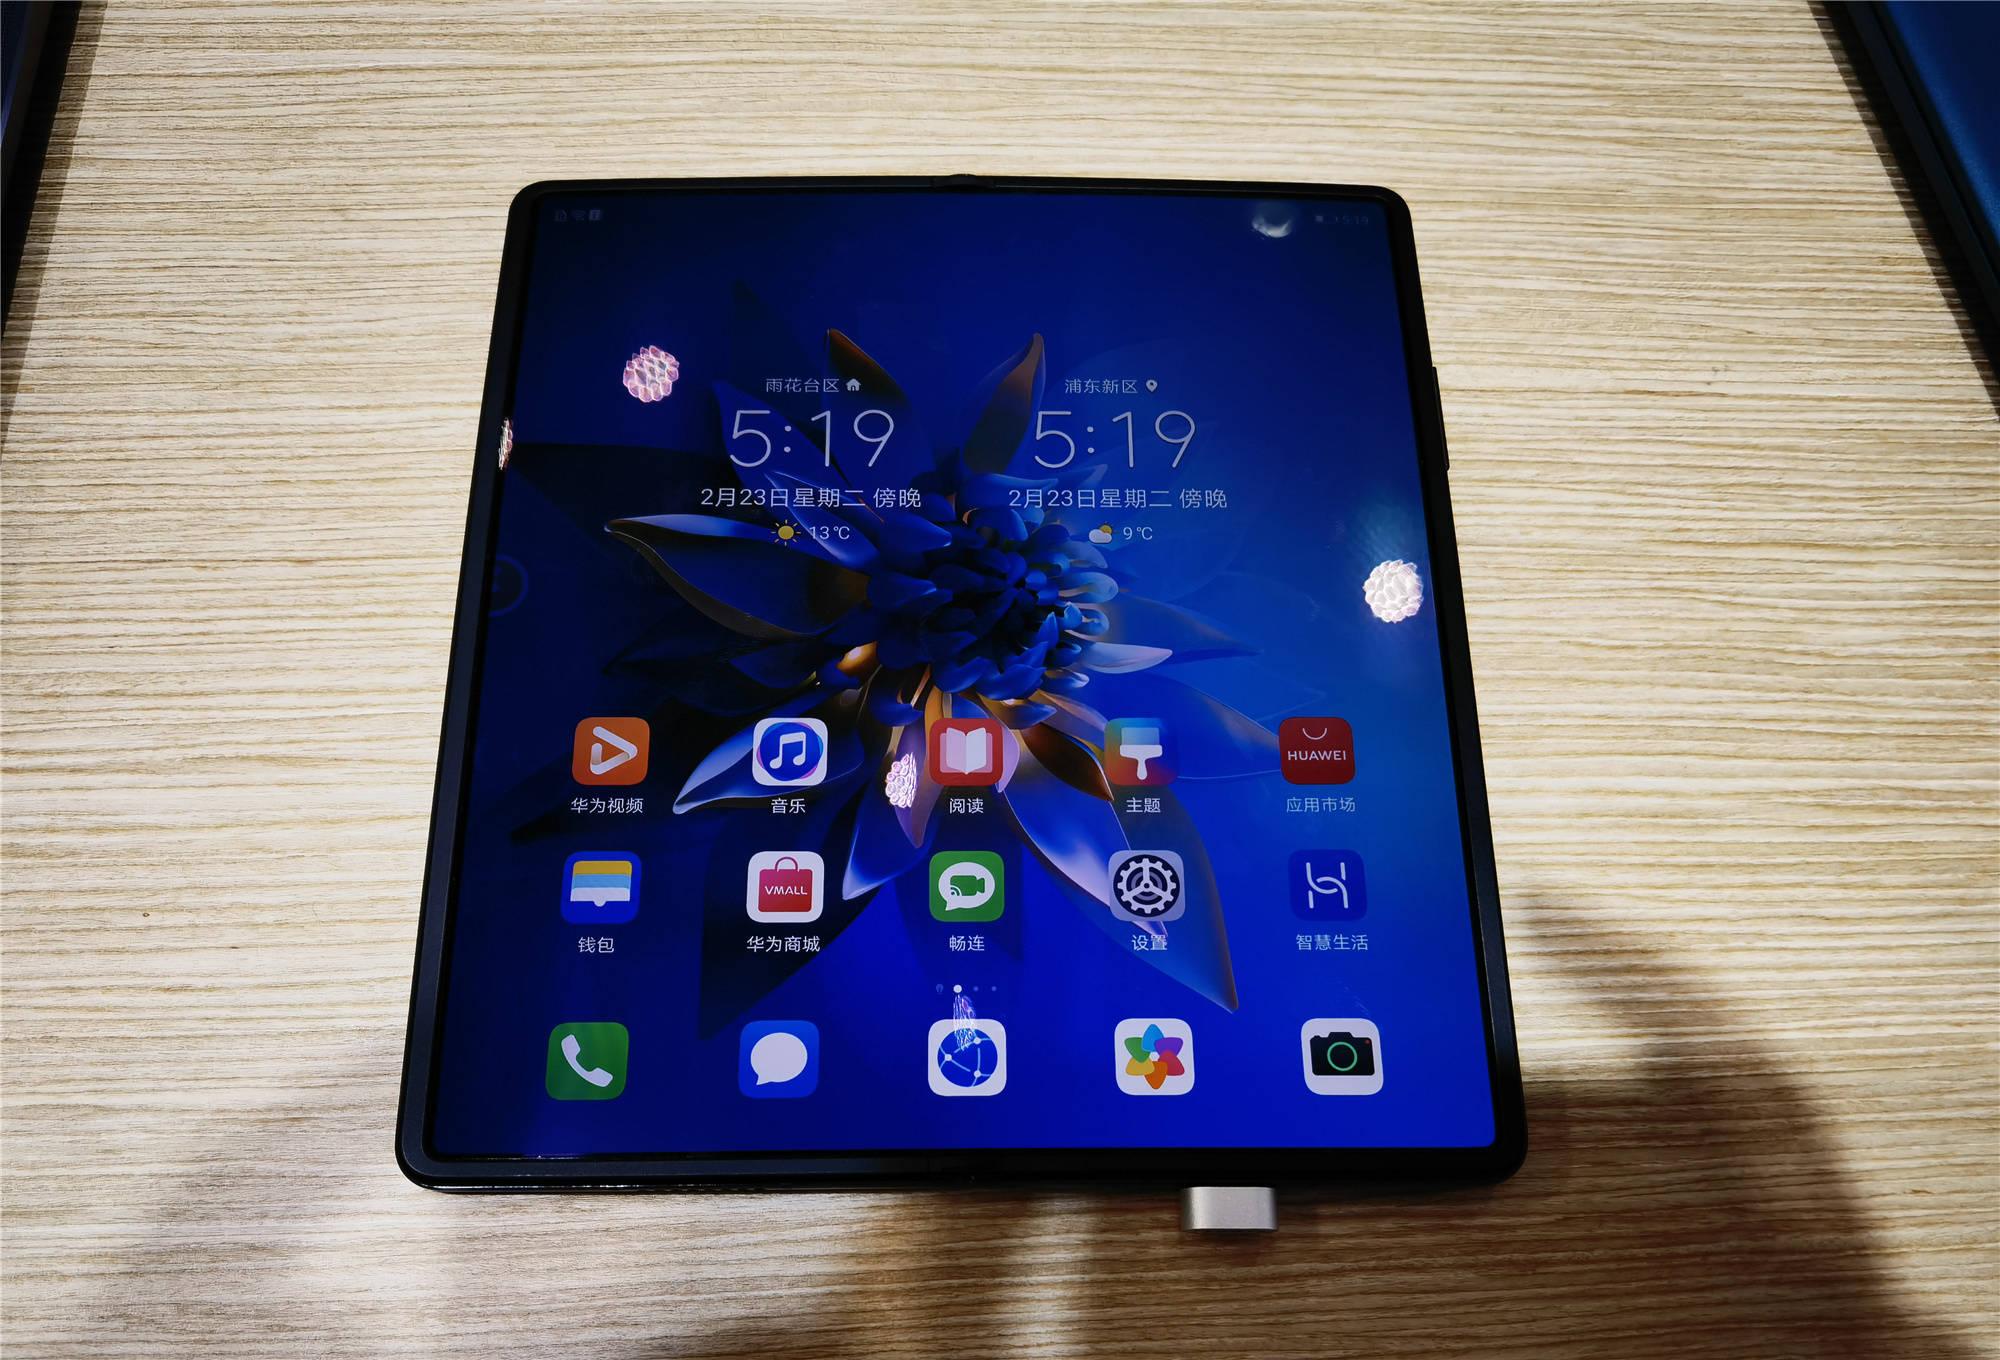 2021MWC 上海展 各式手机争奇斗艳